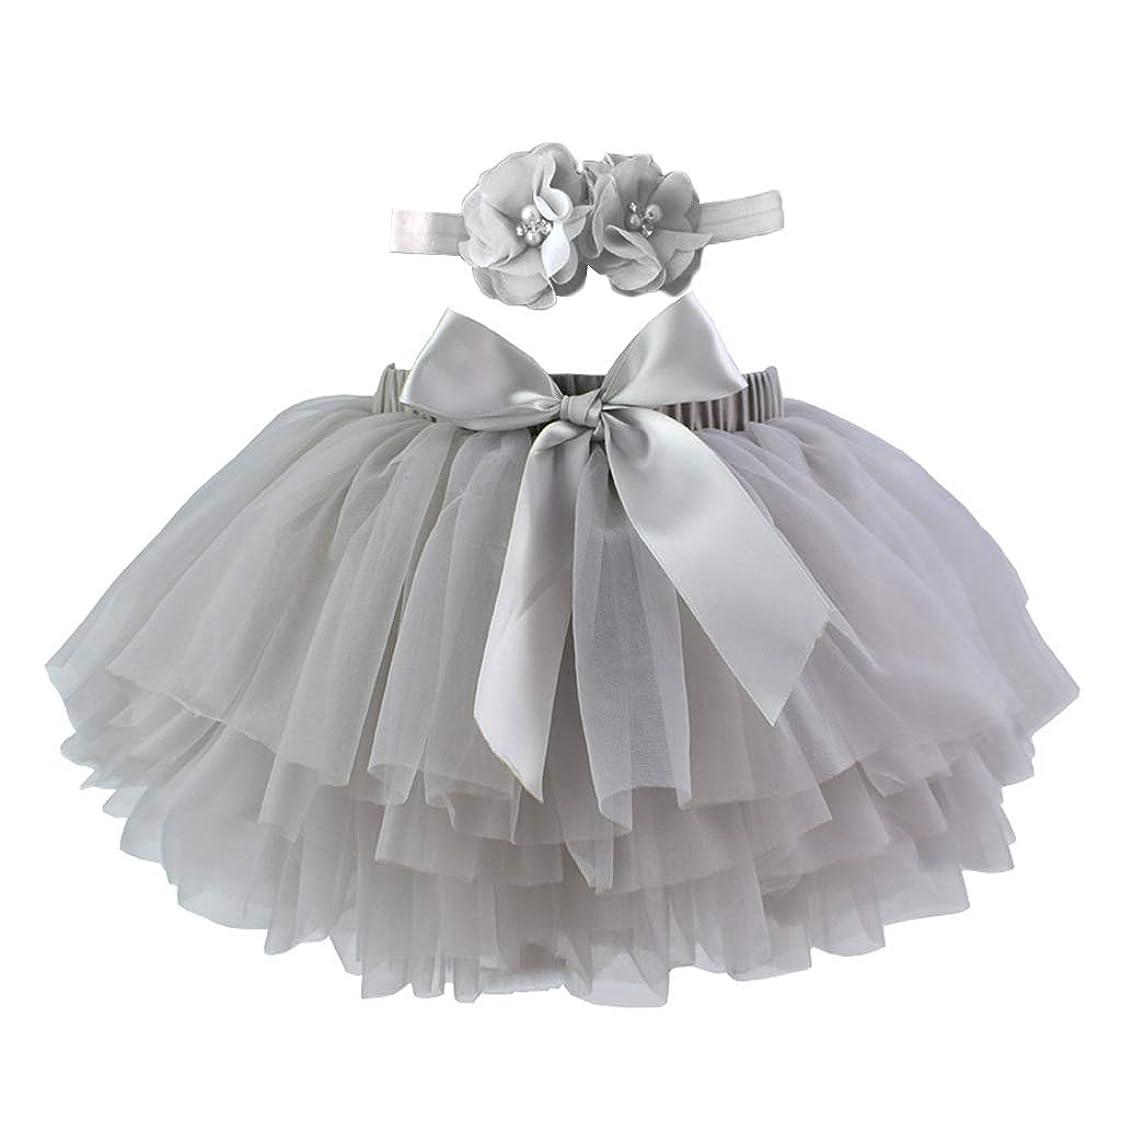 想像力豊かなシェルプロフェッショナルLamdoo幼児女の赤ちゃんチュチュスカート写真の小道具衣装キャンディーカラー多層フリルちょう結びチュールおむつカバー付きヘッドバンド0-3 T - グレー-L